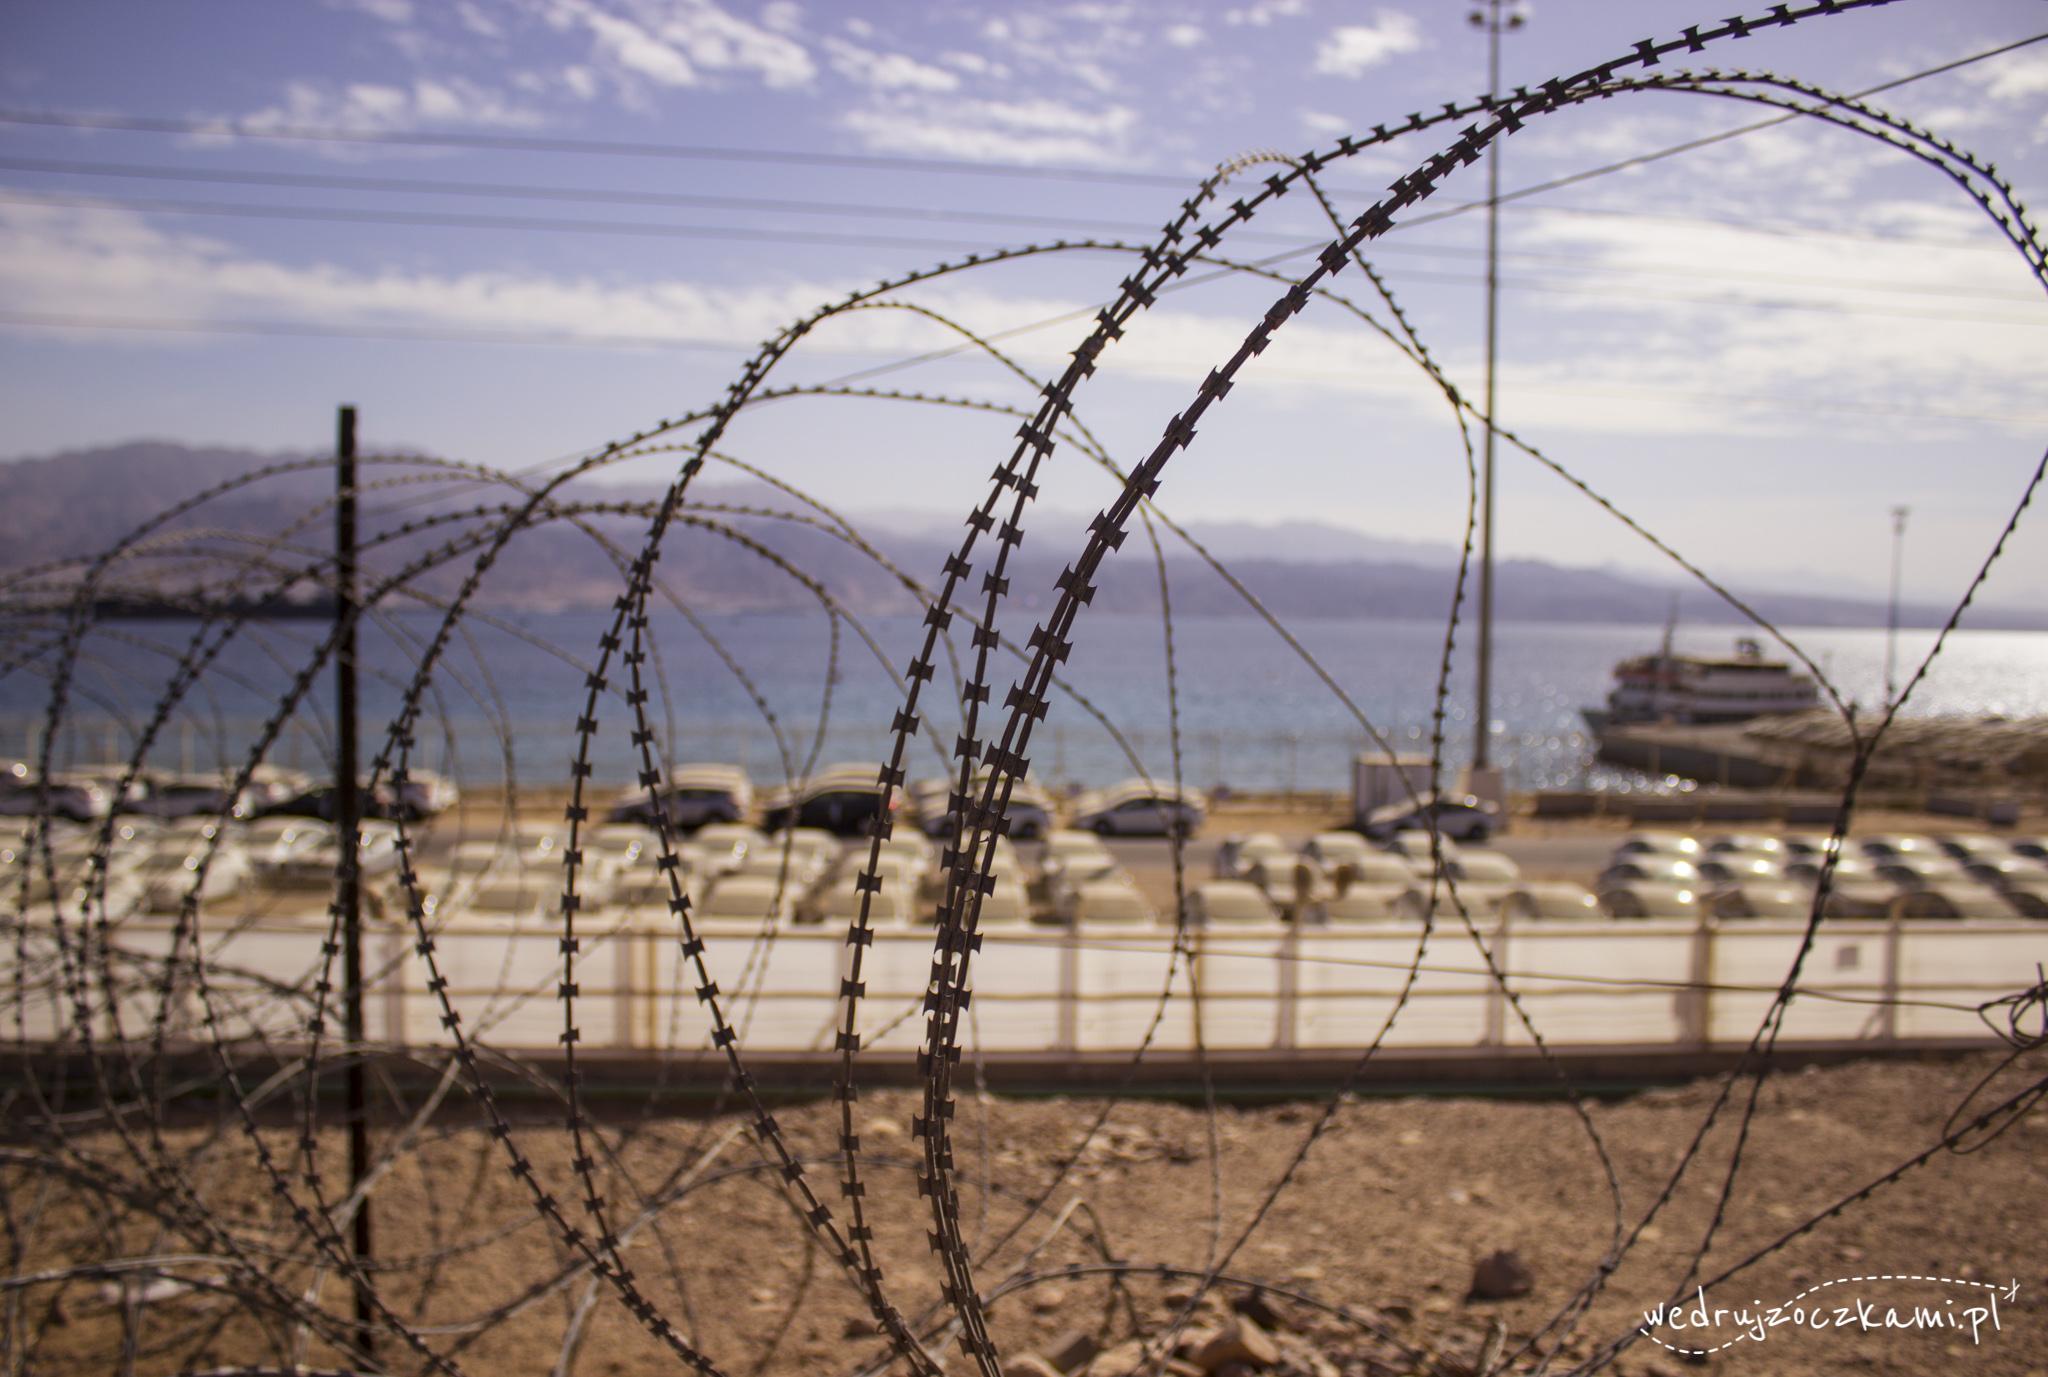 Eilat. Takie druty widzieliśmy w wielu miejscach. W tle importowane auta i Morze Czerwone.